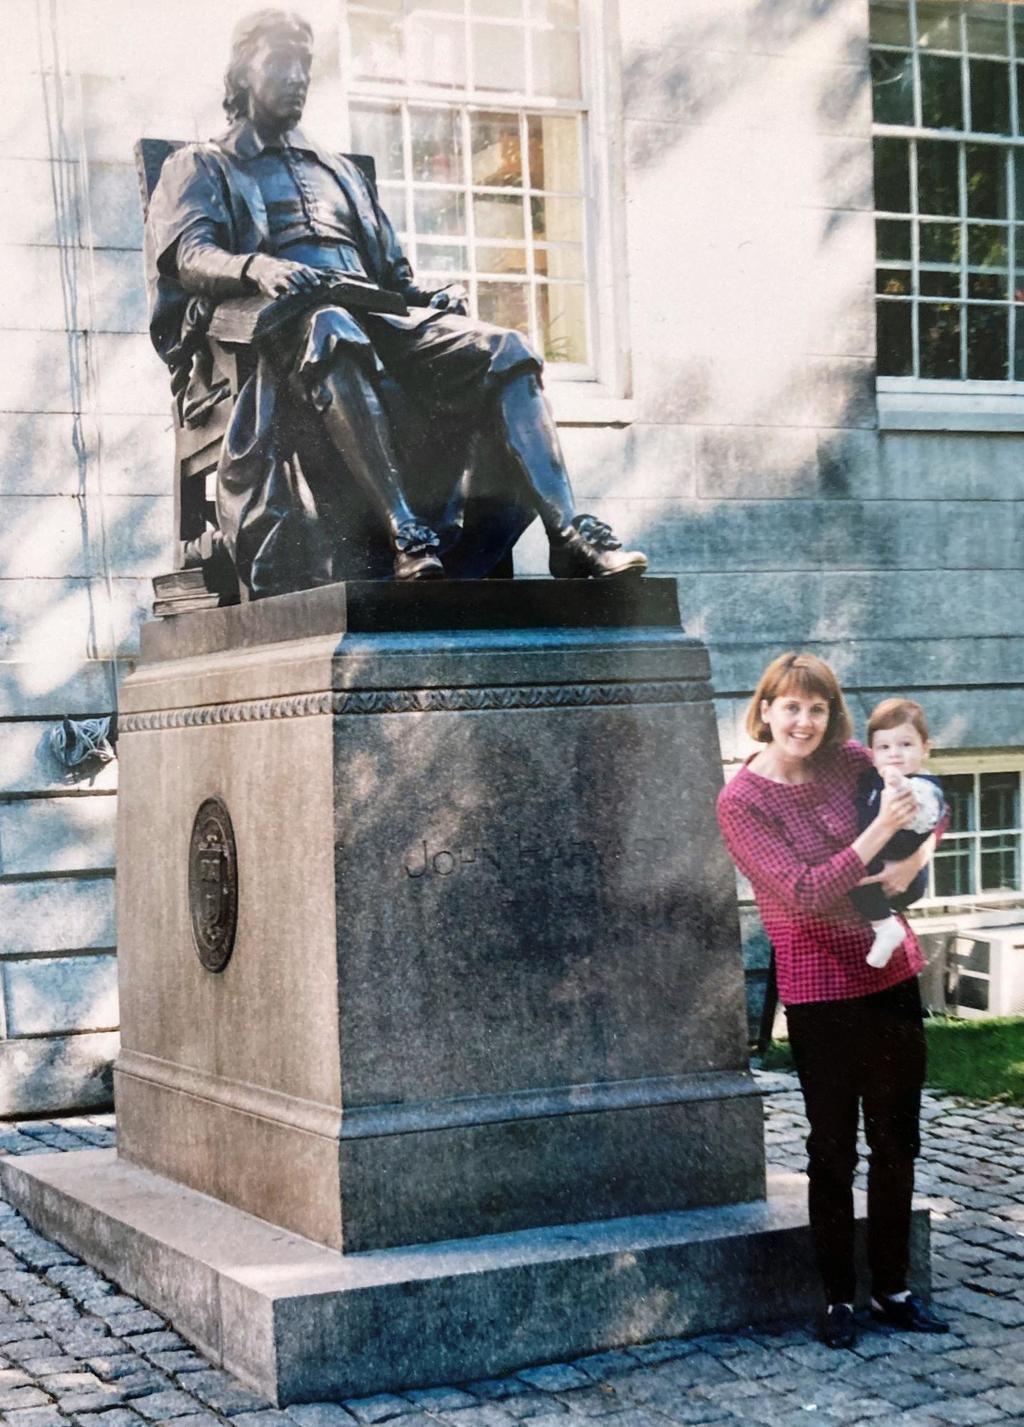 La esposa y el hijo del autor en Harvard, 1999 (foto de M. Pastor).